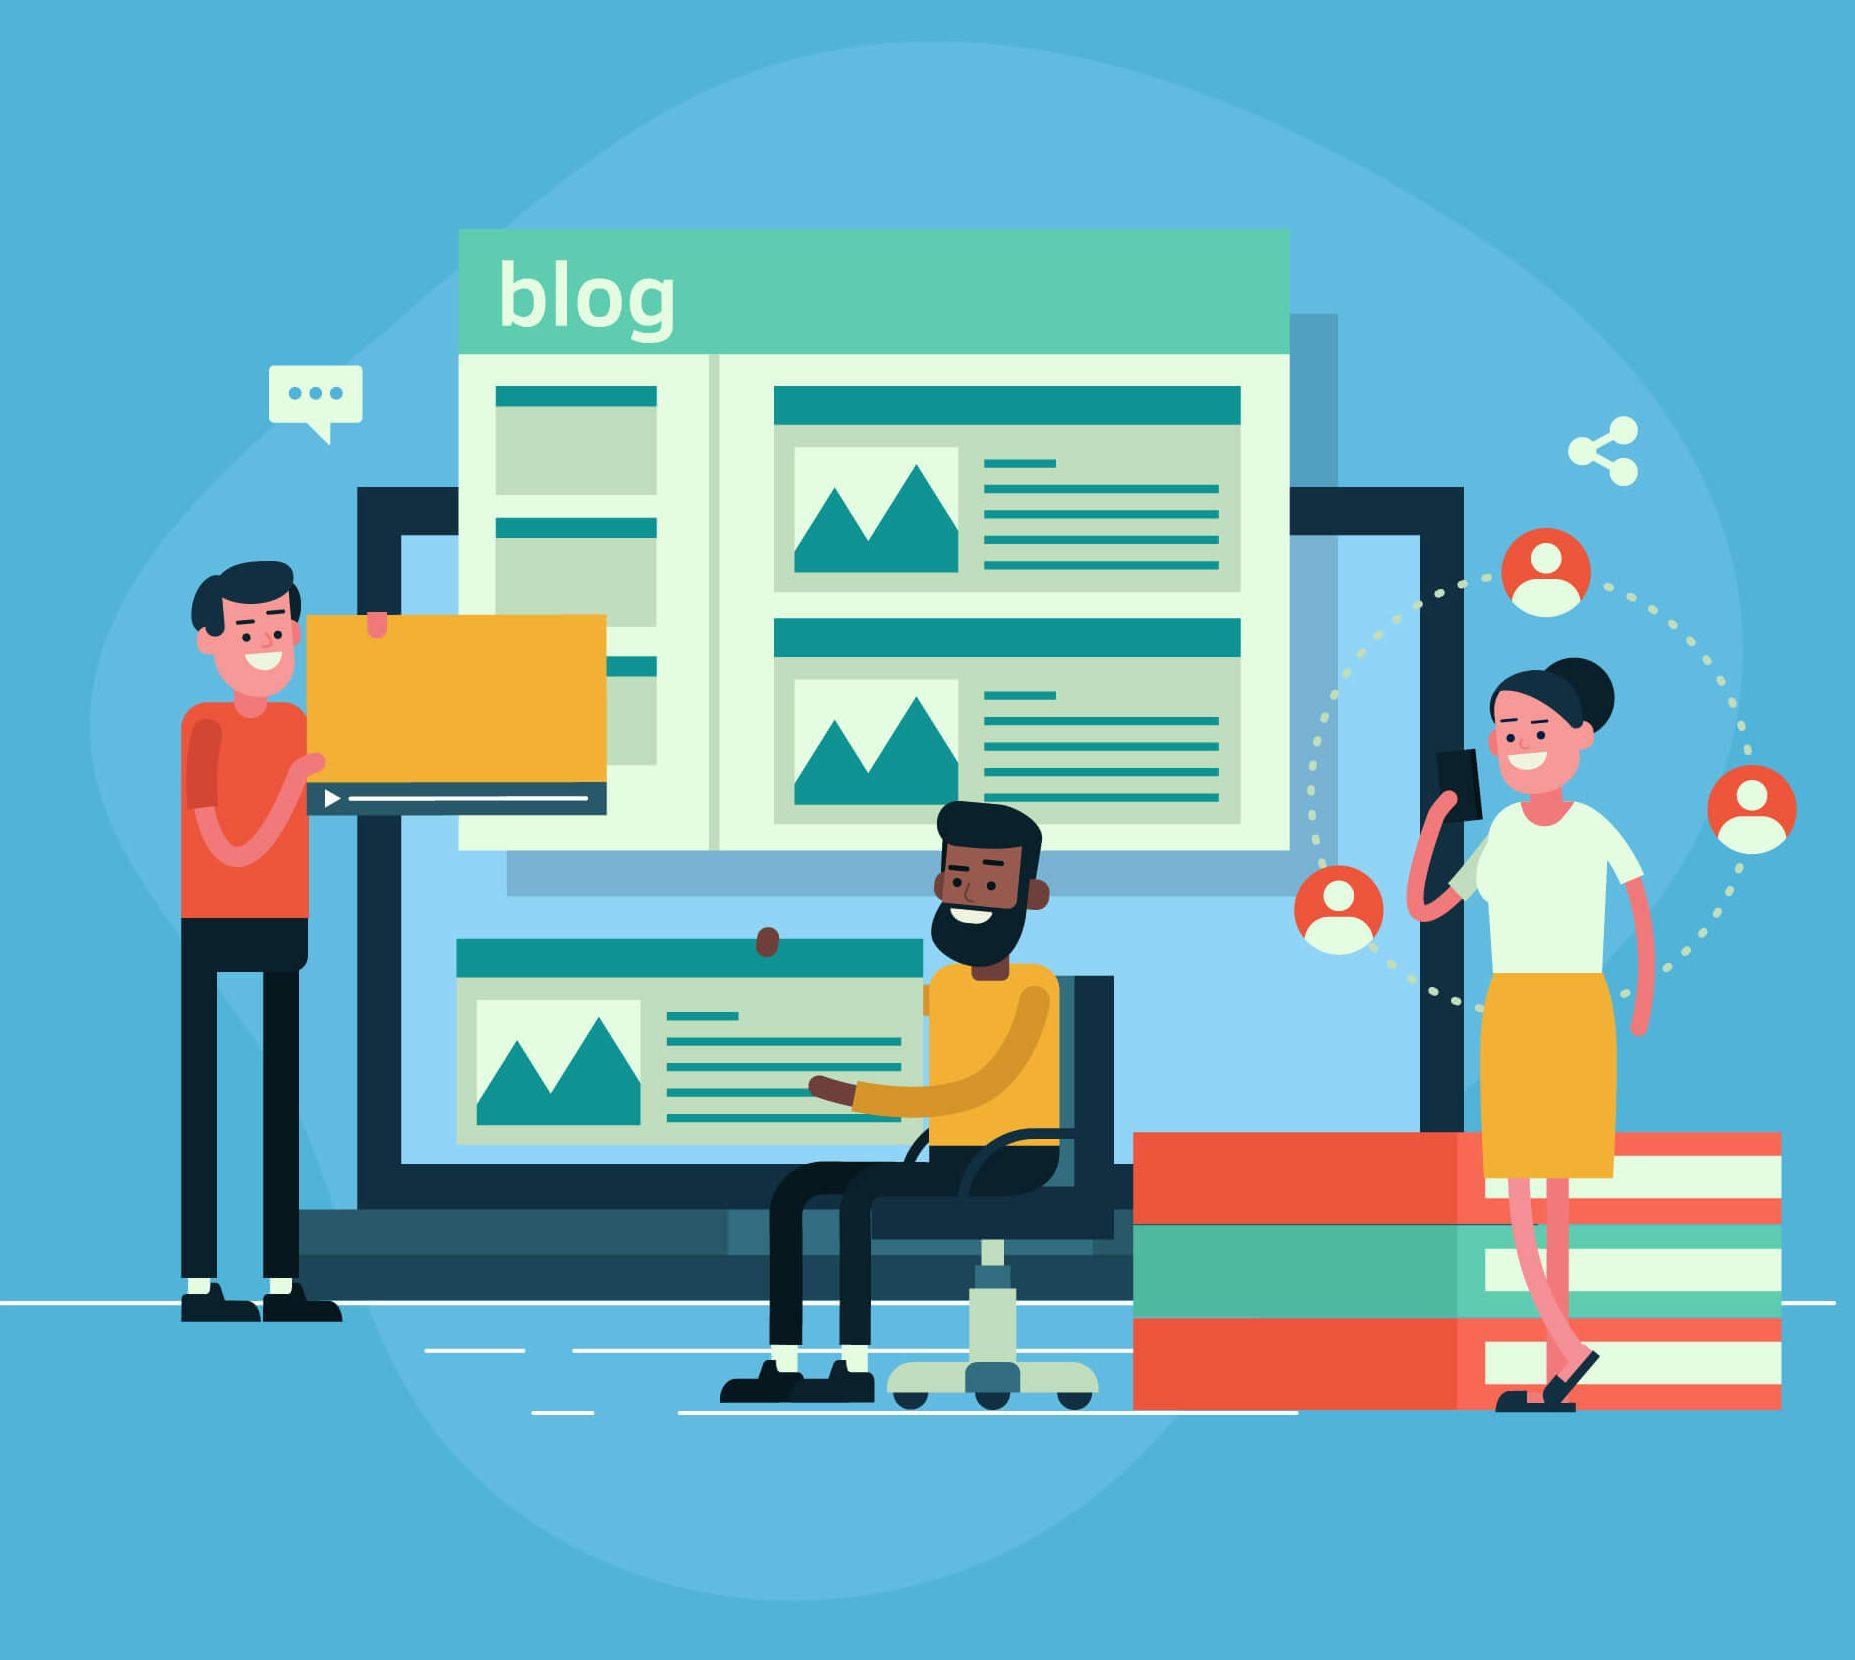 Add a Blog